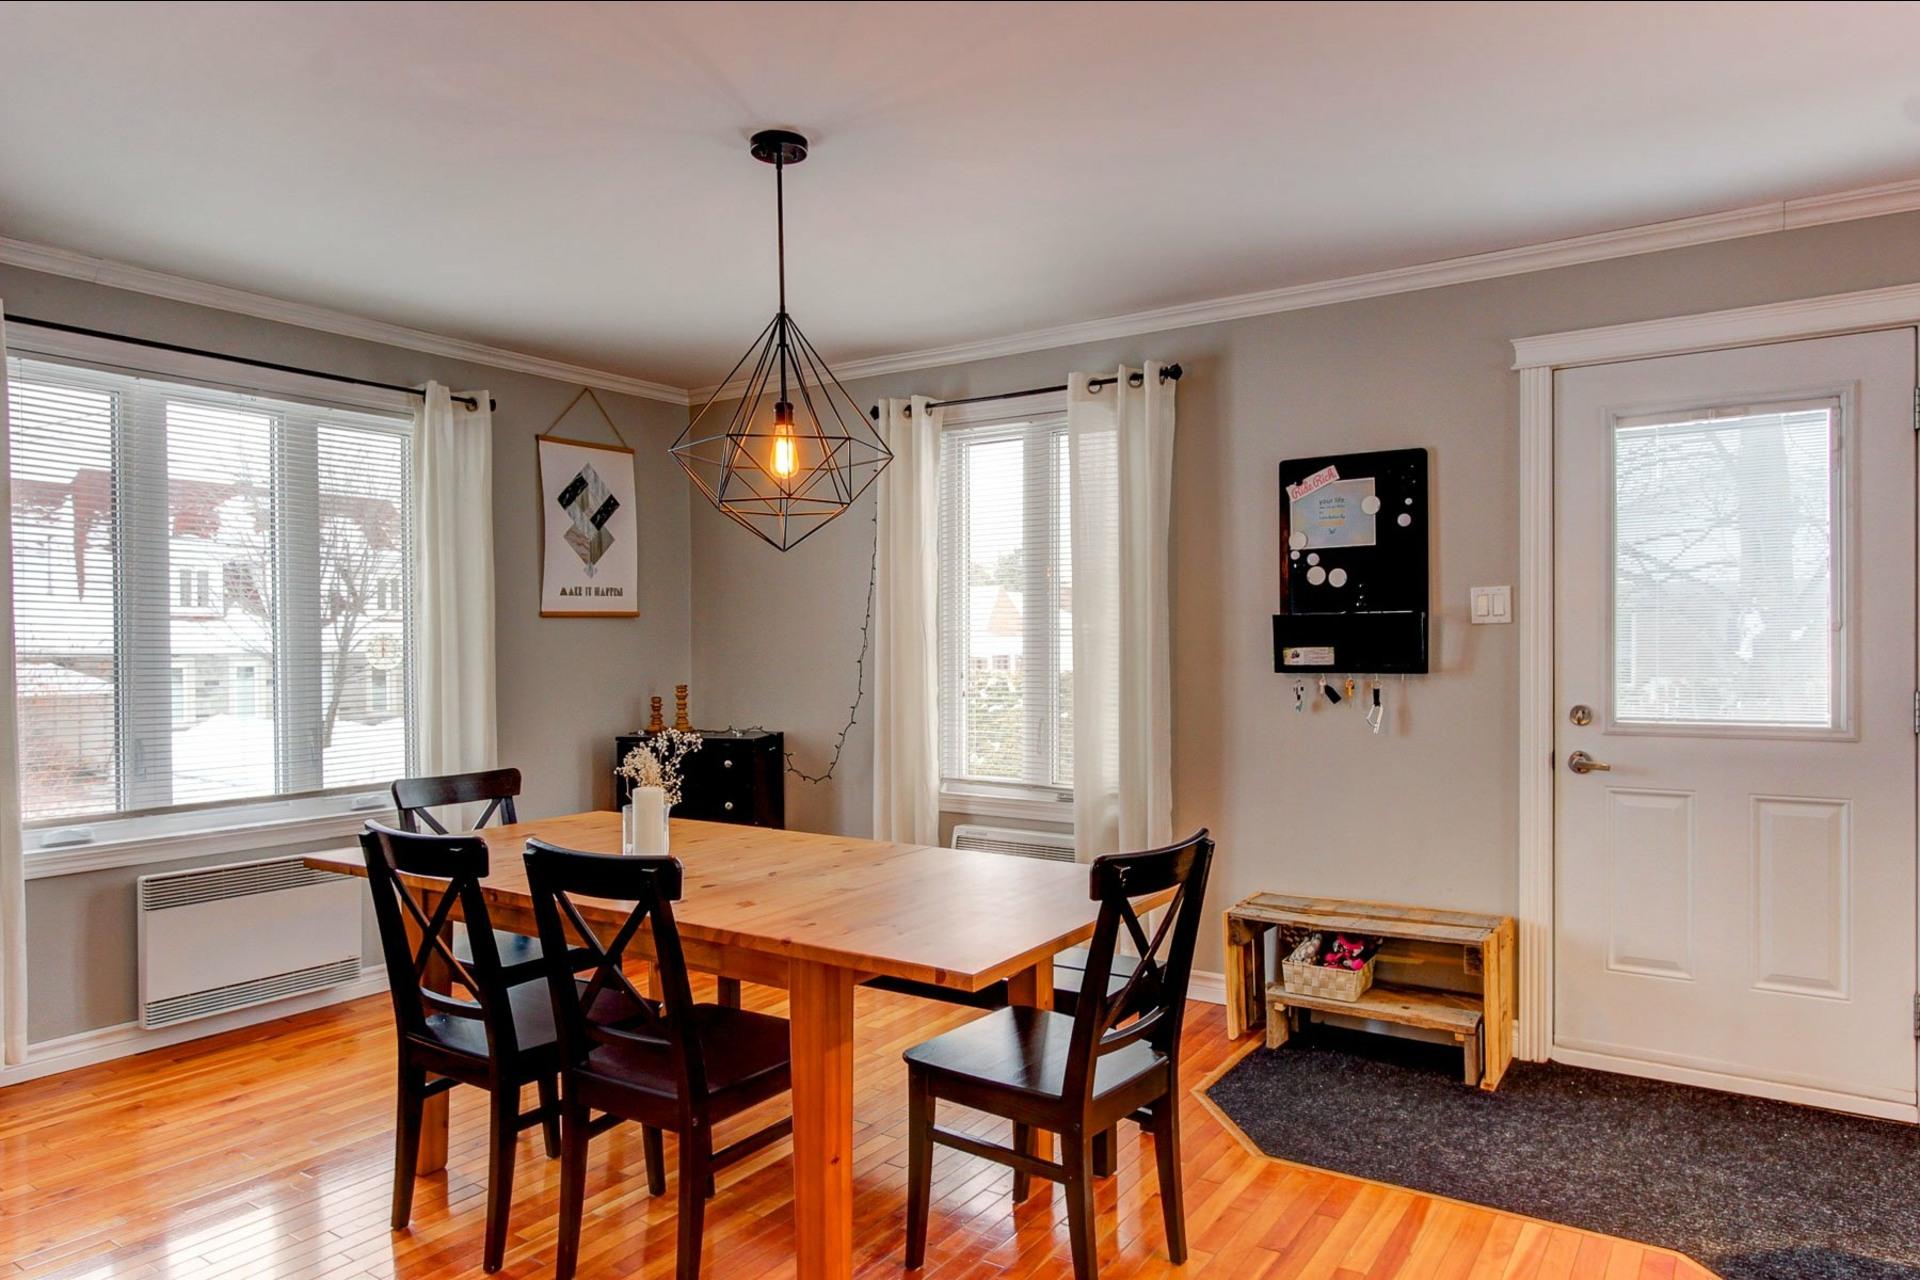 image 6 - House For sale Trois-Rivières - 9 rooms